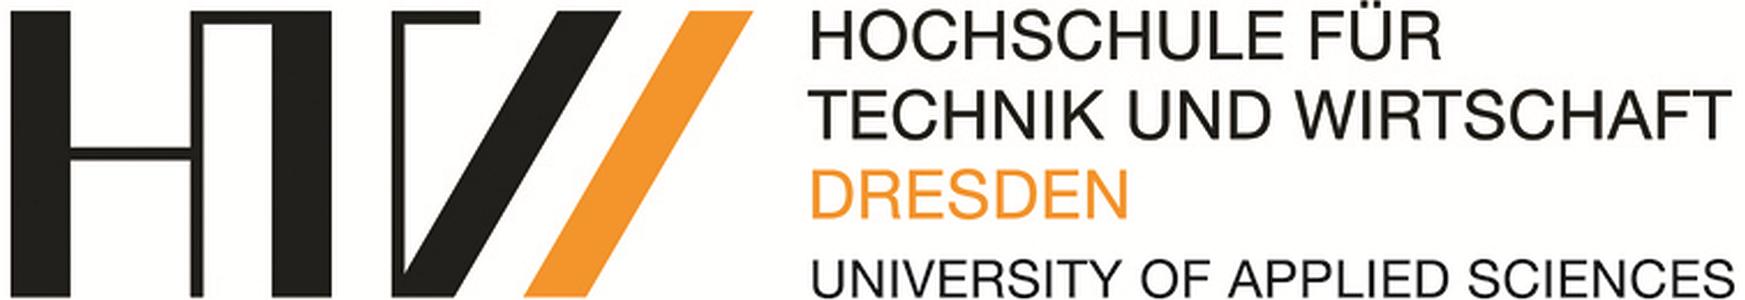 Professur (W2) Angewandte Geodäsie - Hochschule für Technik und Wirtschaft Dresden - Fakultät Geoinformation - Logo